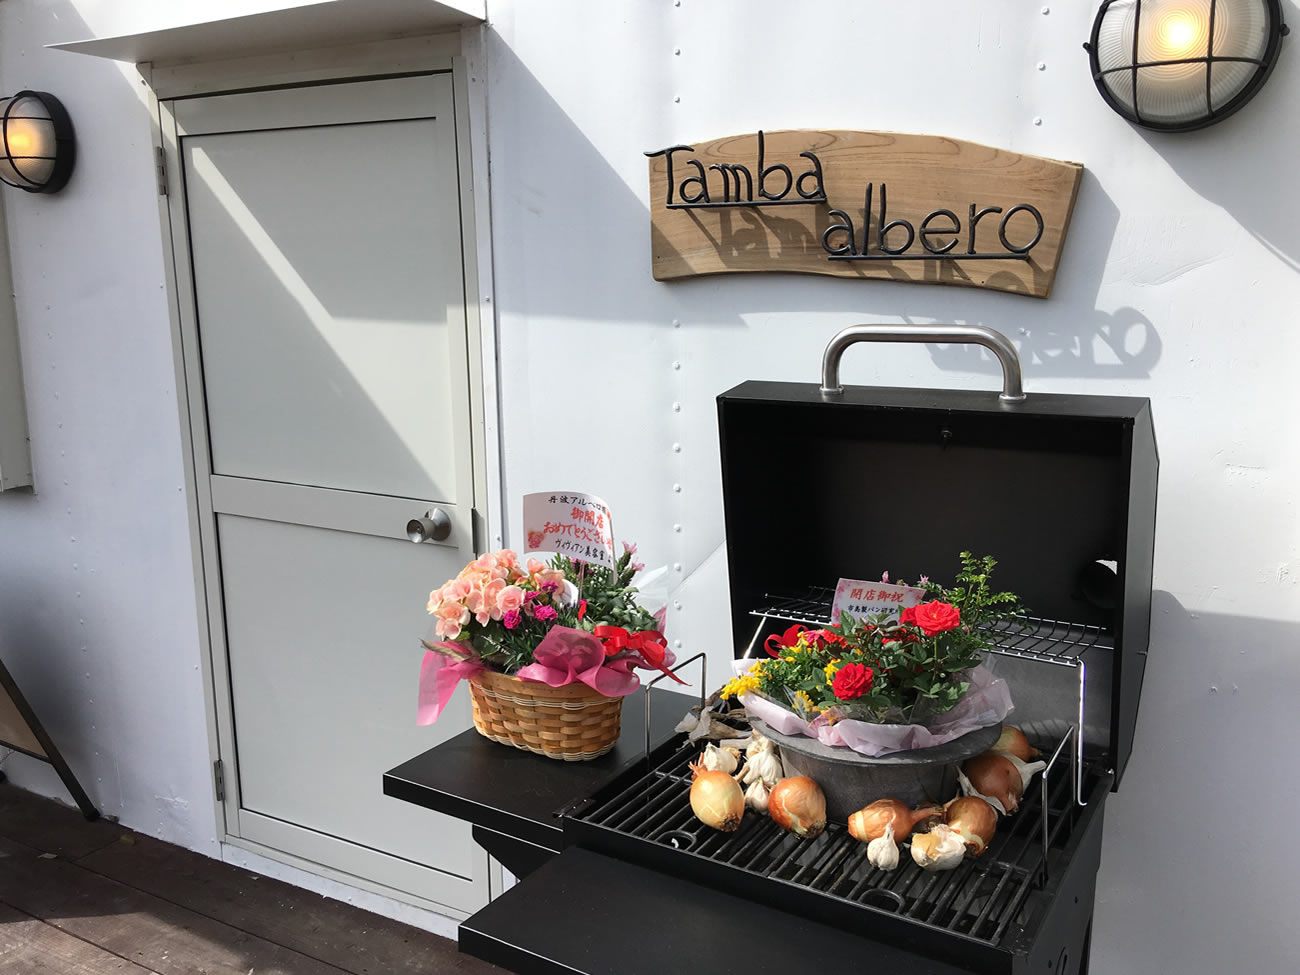 BBQスタイル&PIZZAのお店「Tamba albere(丹波アルベロ)」